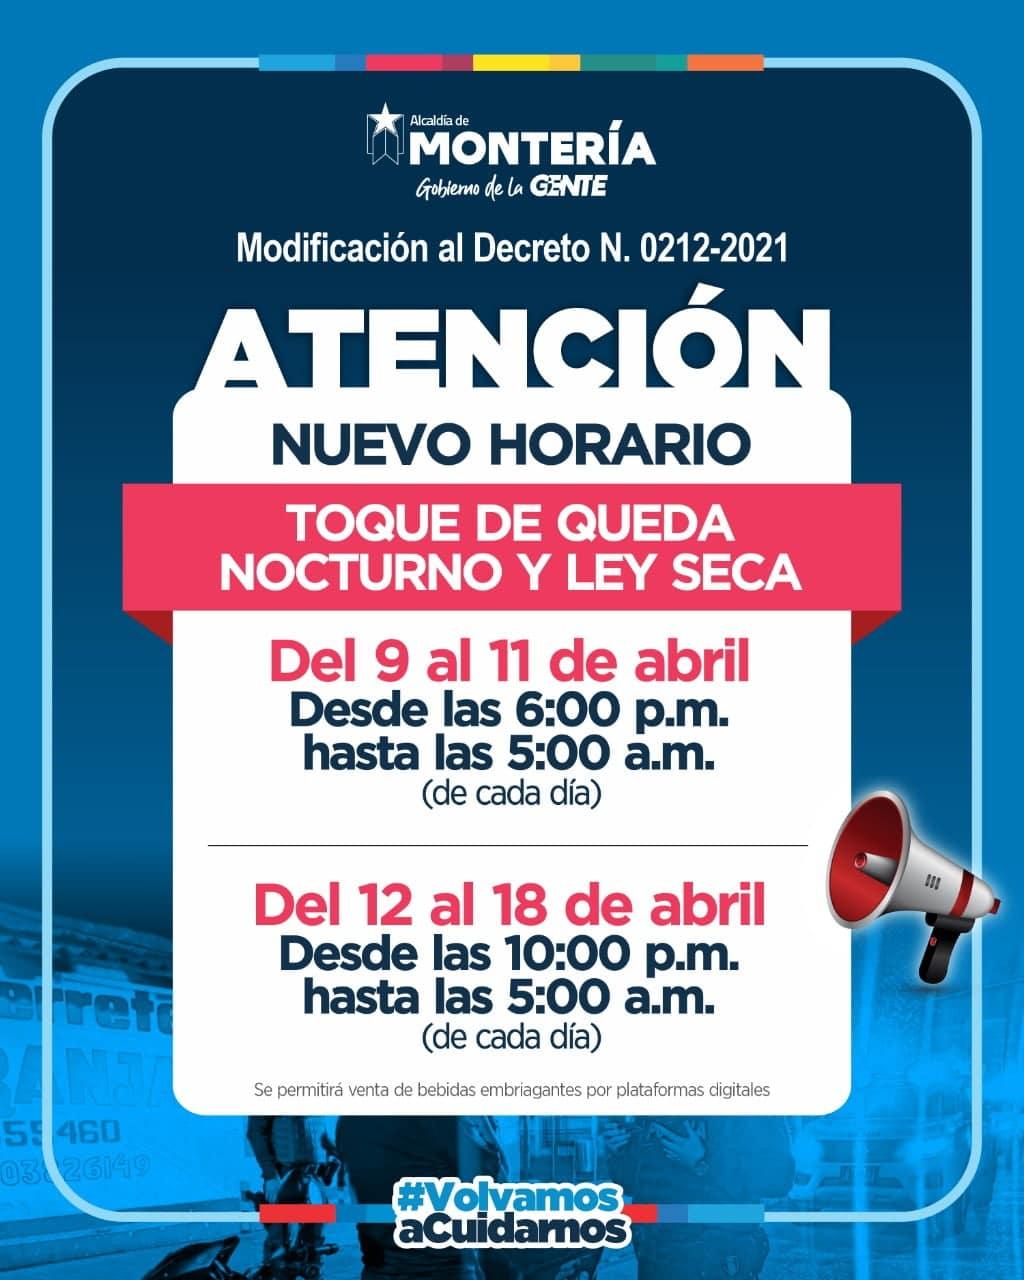 Nuevo horario de toque de queda y ley seca en Montería